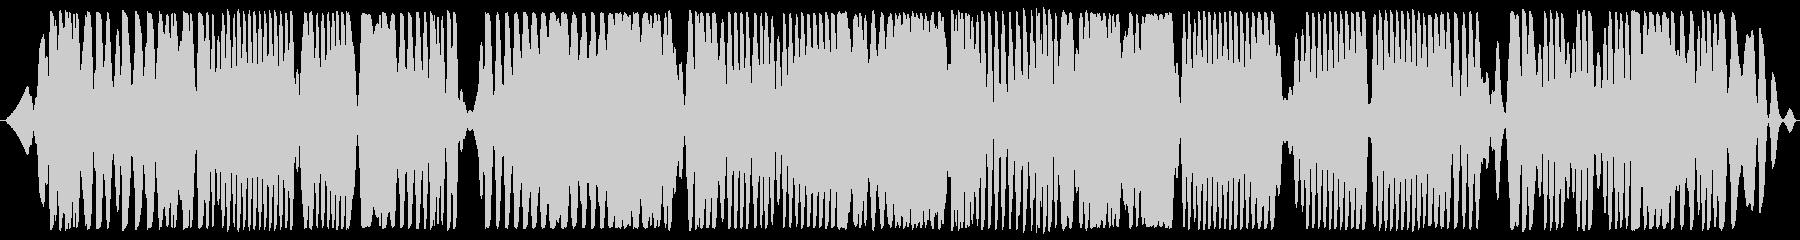 深宇宙ラジオの高チューニングの未再生の波形